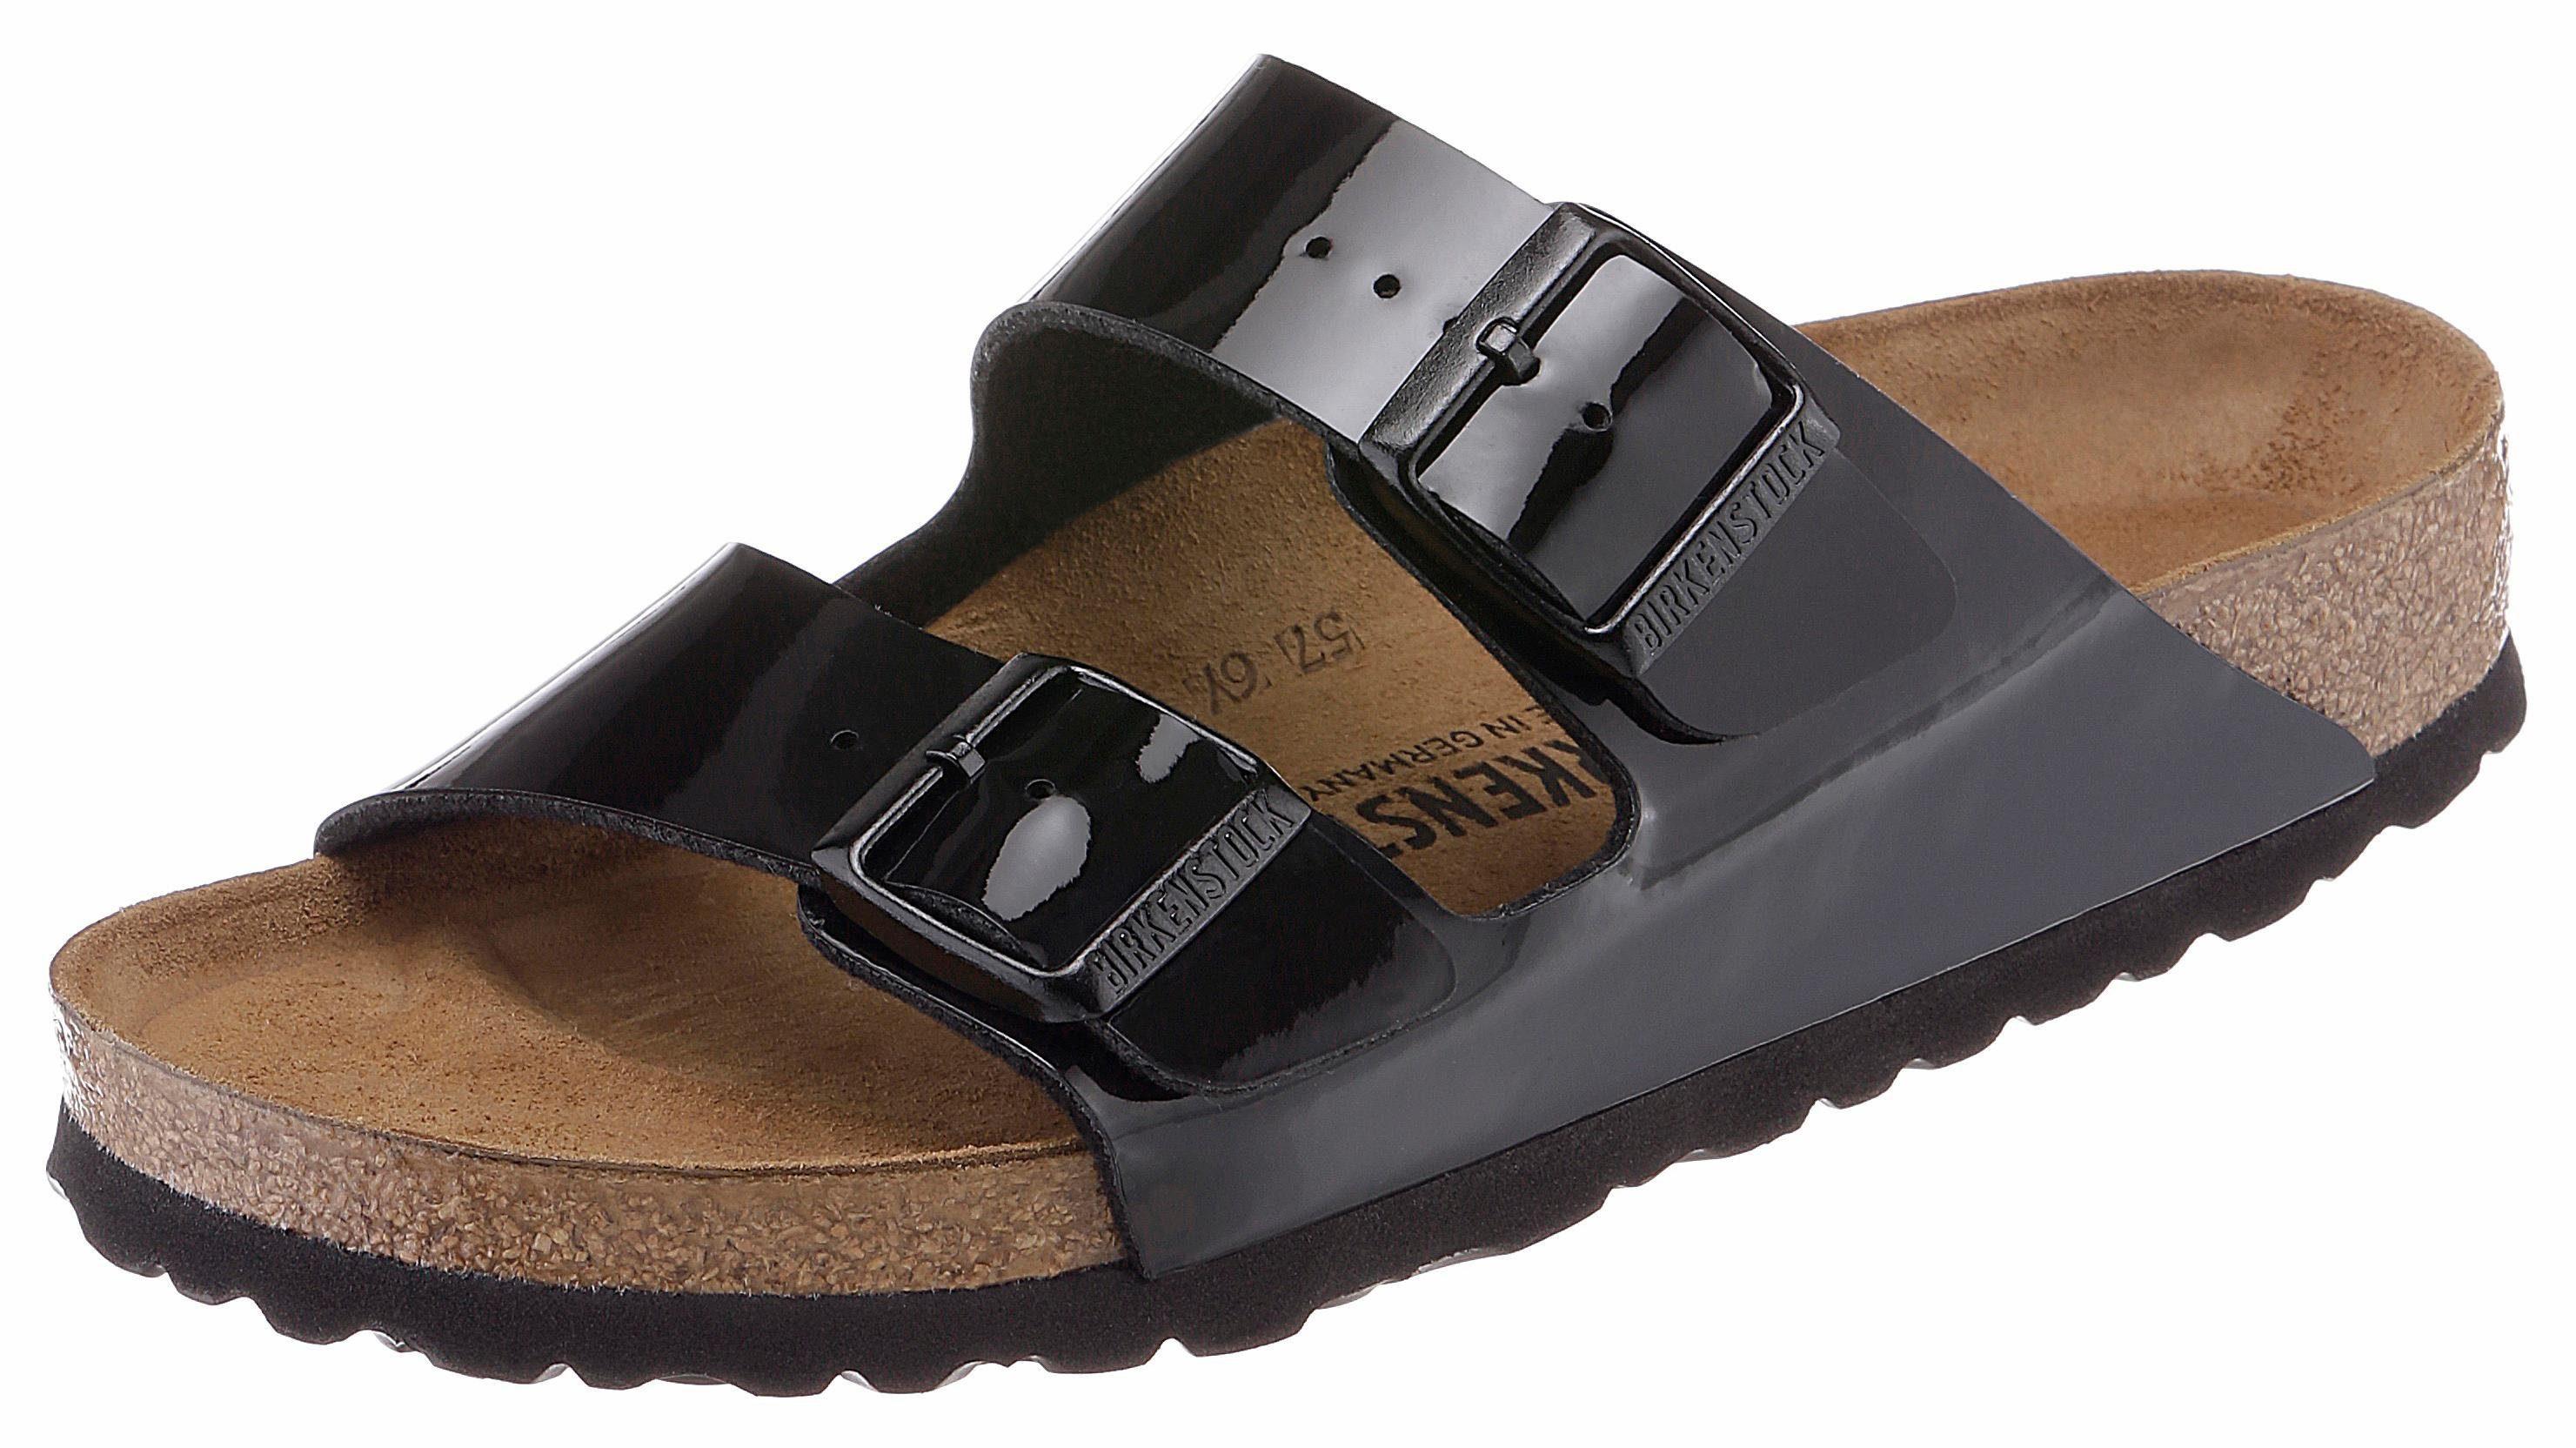 Birkenstock Arizona Pantolette, in Schuhweite schmal und glänzendem Look! online kaufen  schwarz